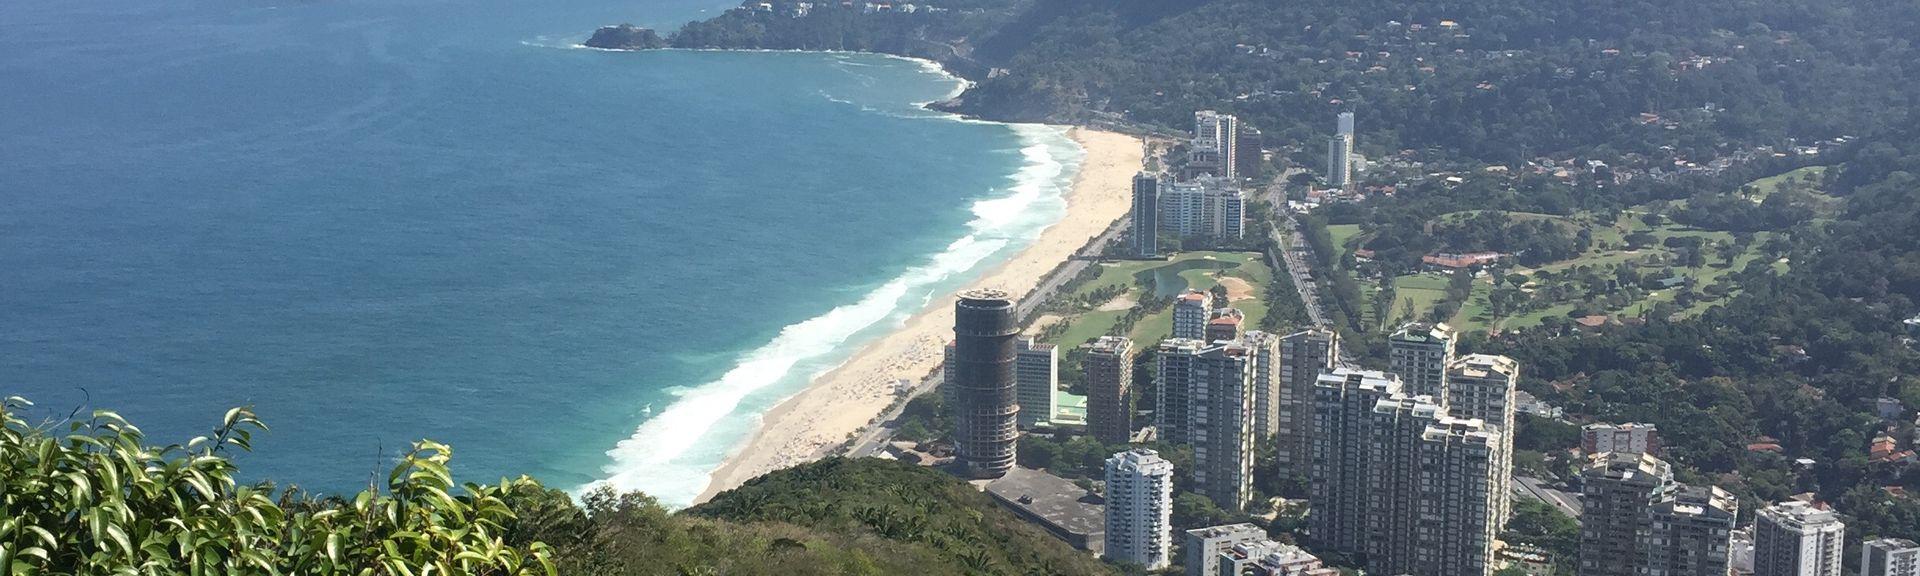 Catete, Rio de Janeiro, Region Südosten, Brasilien